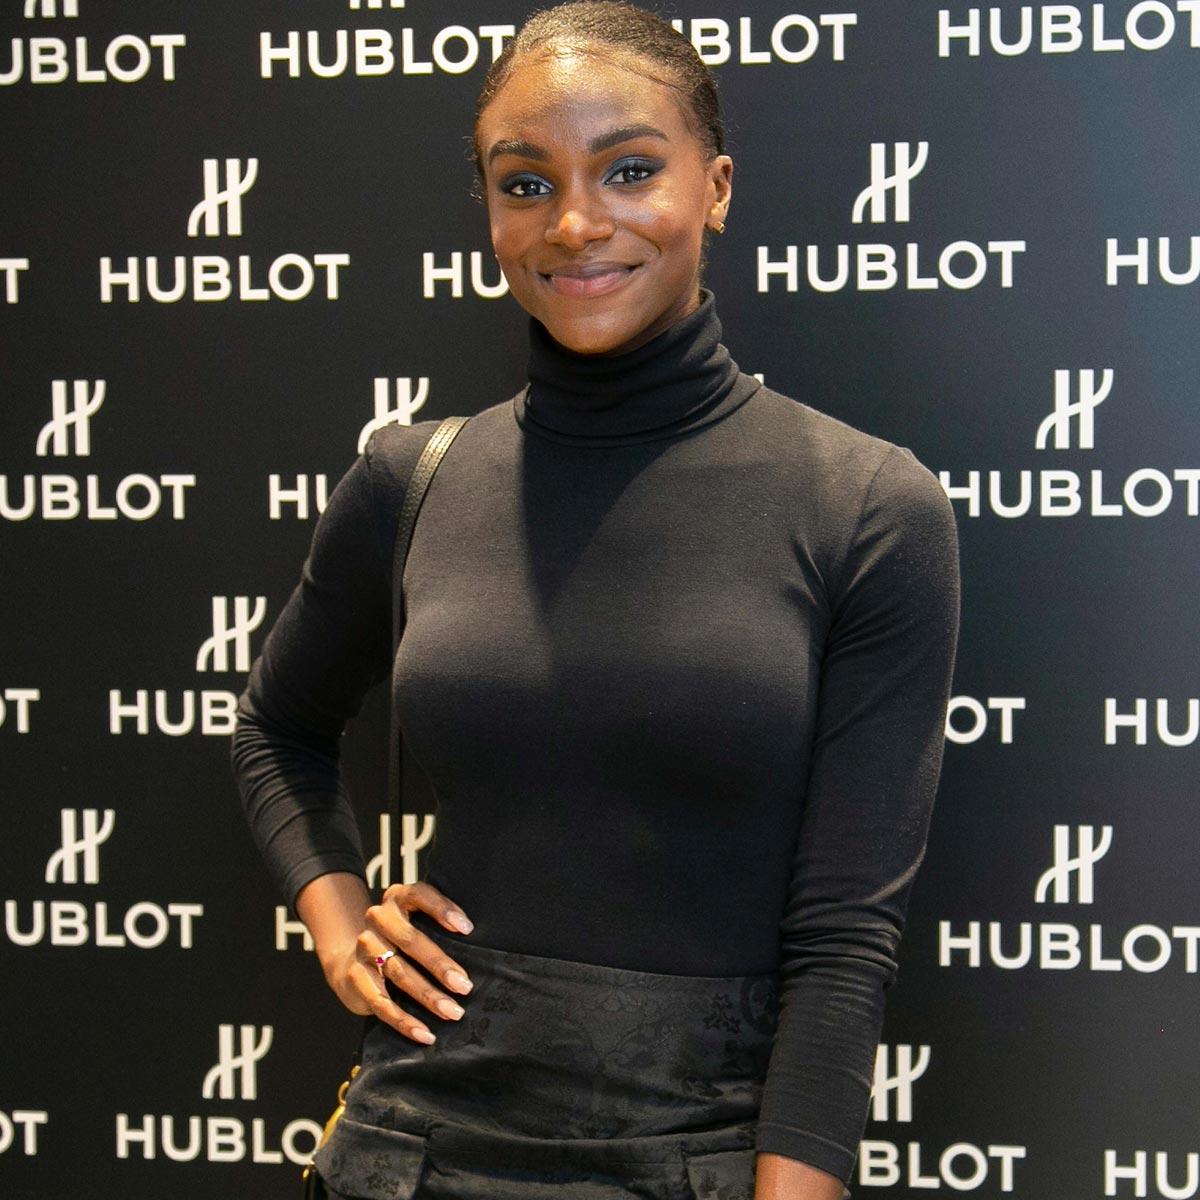 La Cote des Montres : Photo - Hublot ouvre sa boutique phare à Londres en présence de Lara Stone, Dina Asher-Smith et le Chelsea FC Players